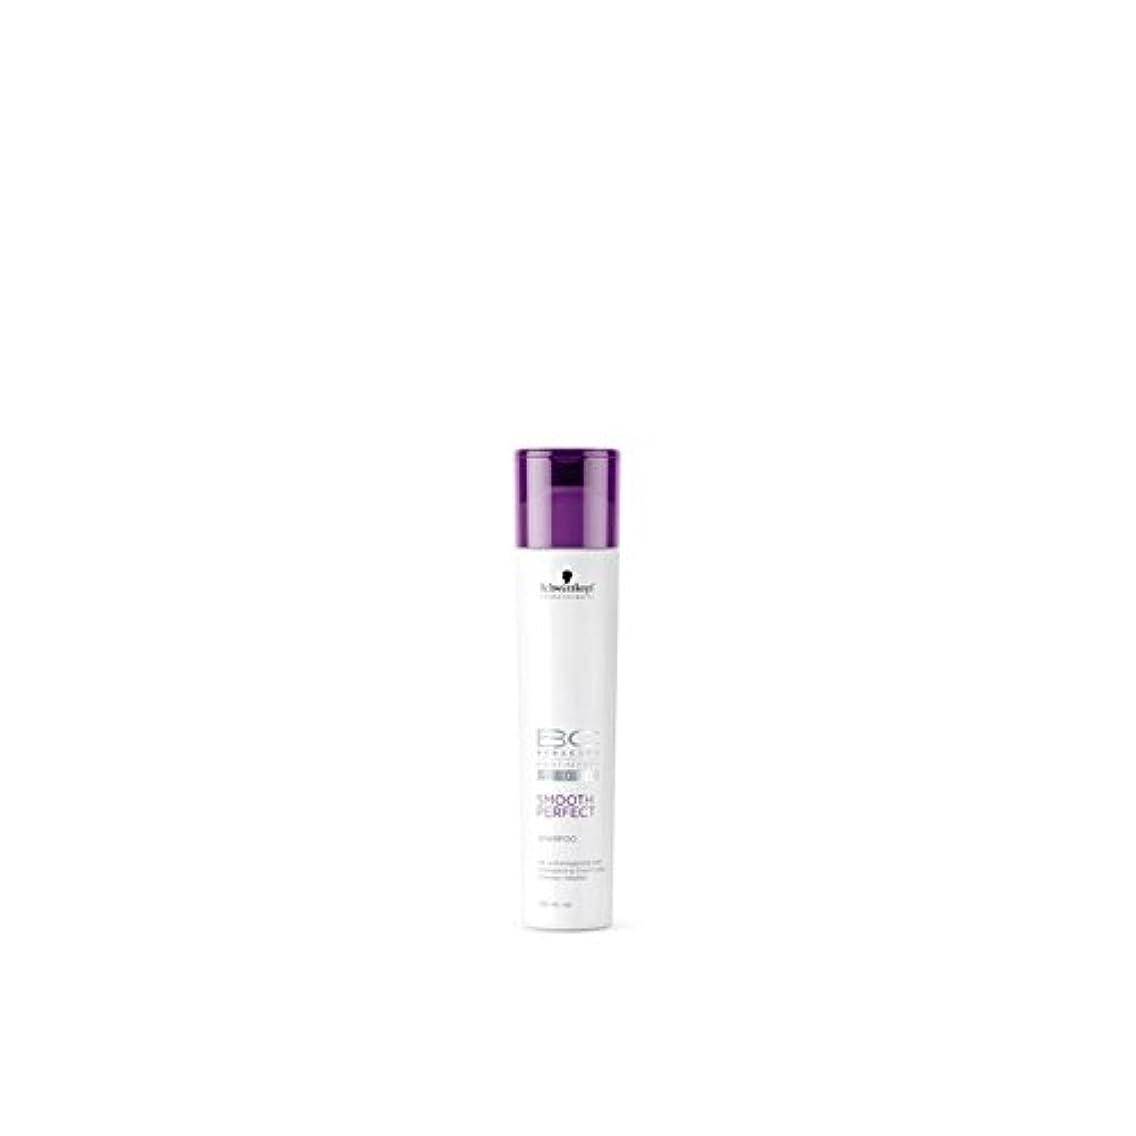 説明的ネズミムスタチオなめらかな完璧なシャンプー(250ミリリットル)シュワルツコフ x2 - Schwarzkopf Bc Smooth Perfect Shampoo (250ml) (Pack of 2) [並行輸入品]